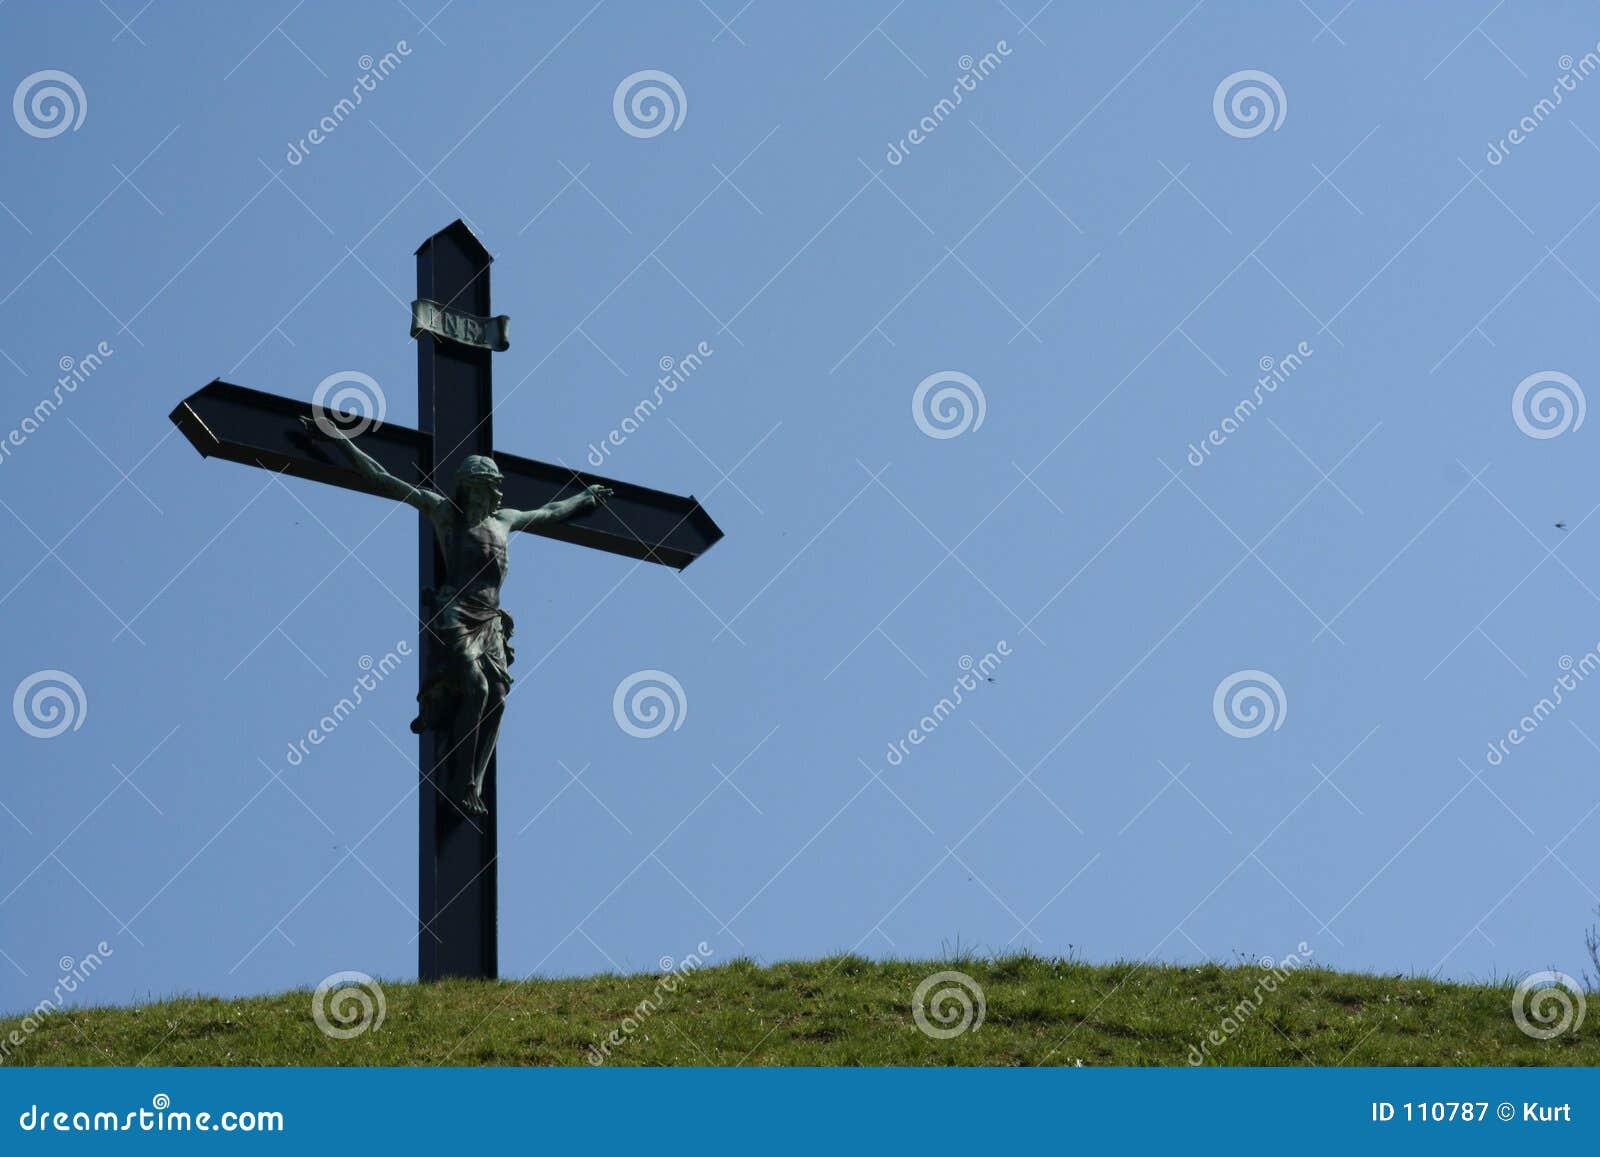 Jesus on hilltop